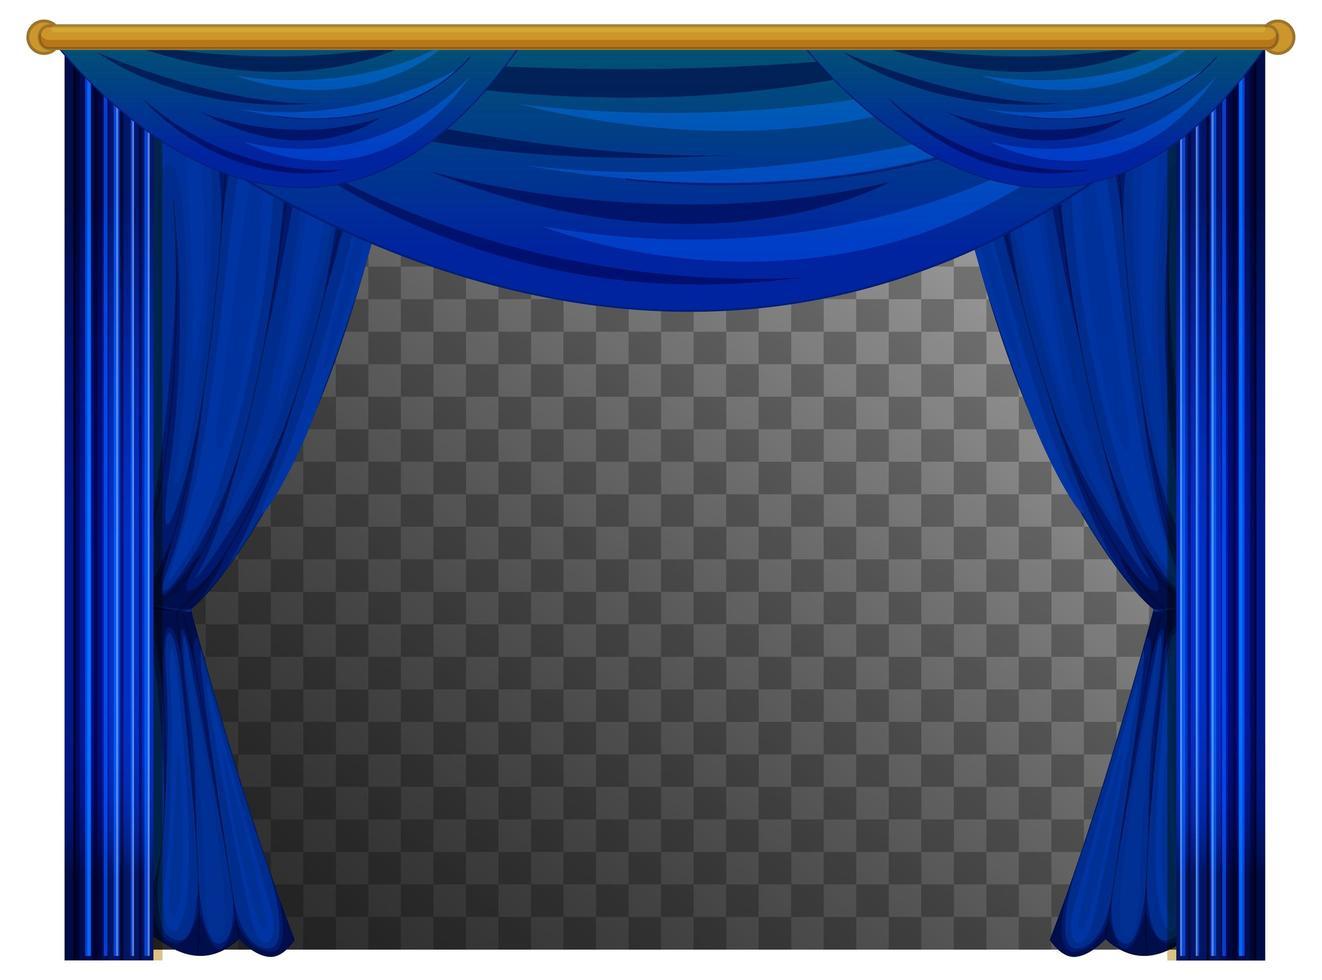 blå gardiner med transparent bakgrund vektor